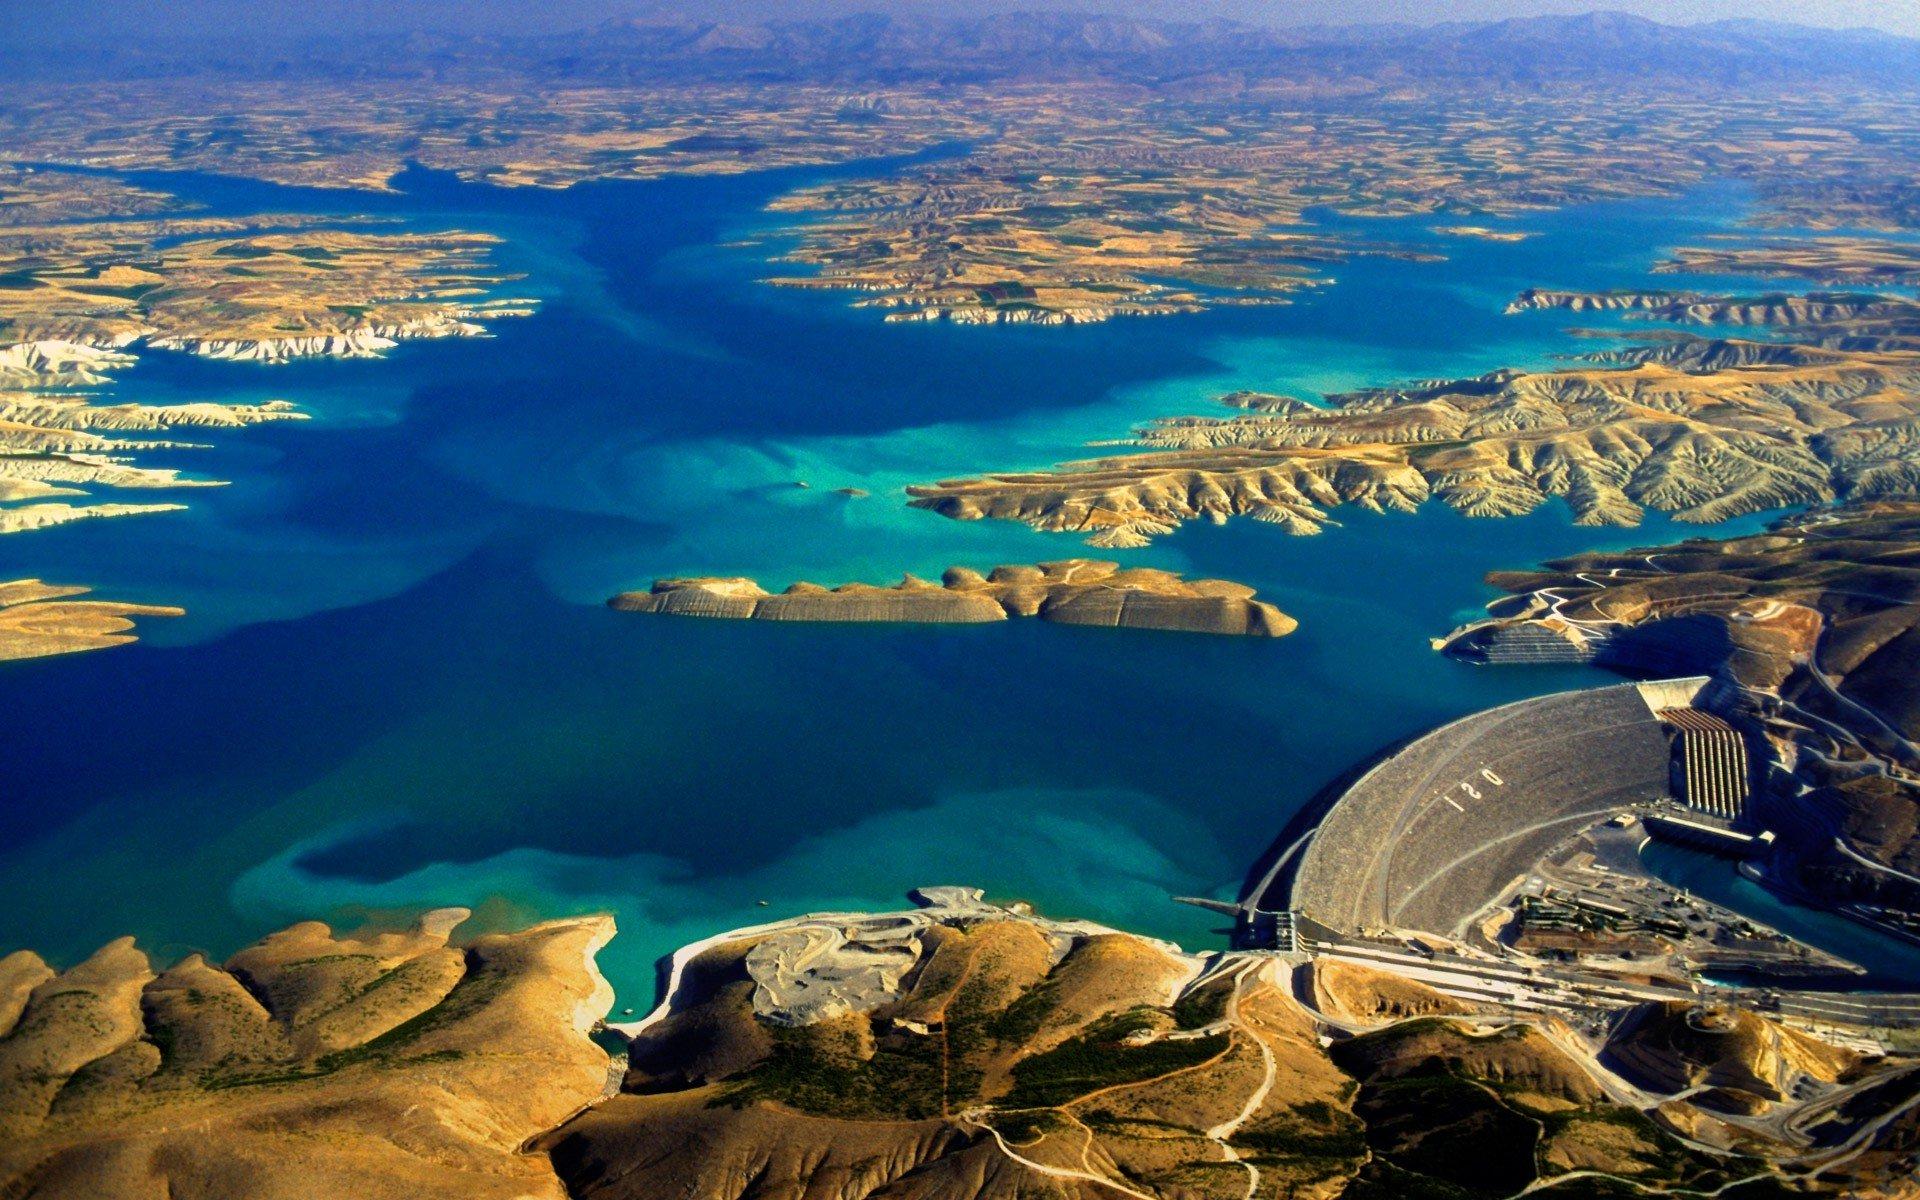 Προφητική εξέλιξη: Οι Τούρκοι κλείνουν τα νερά του Ευφράτη – Στέλνουν στη «δίψα» εκατοντάδες περιοχές – Ξεκίνησε ο τουρκικός «υβριδικός πόλεμος»